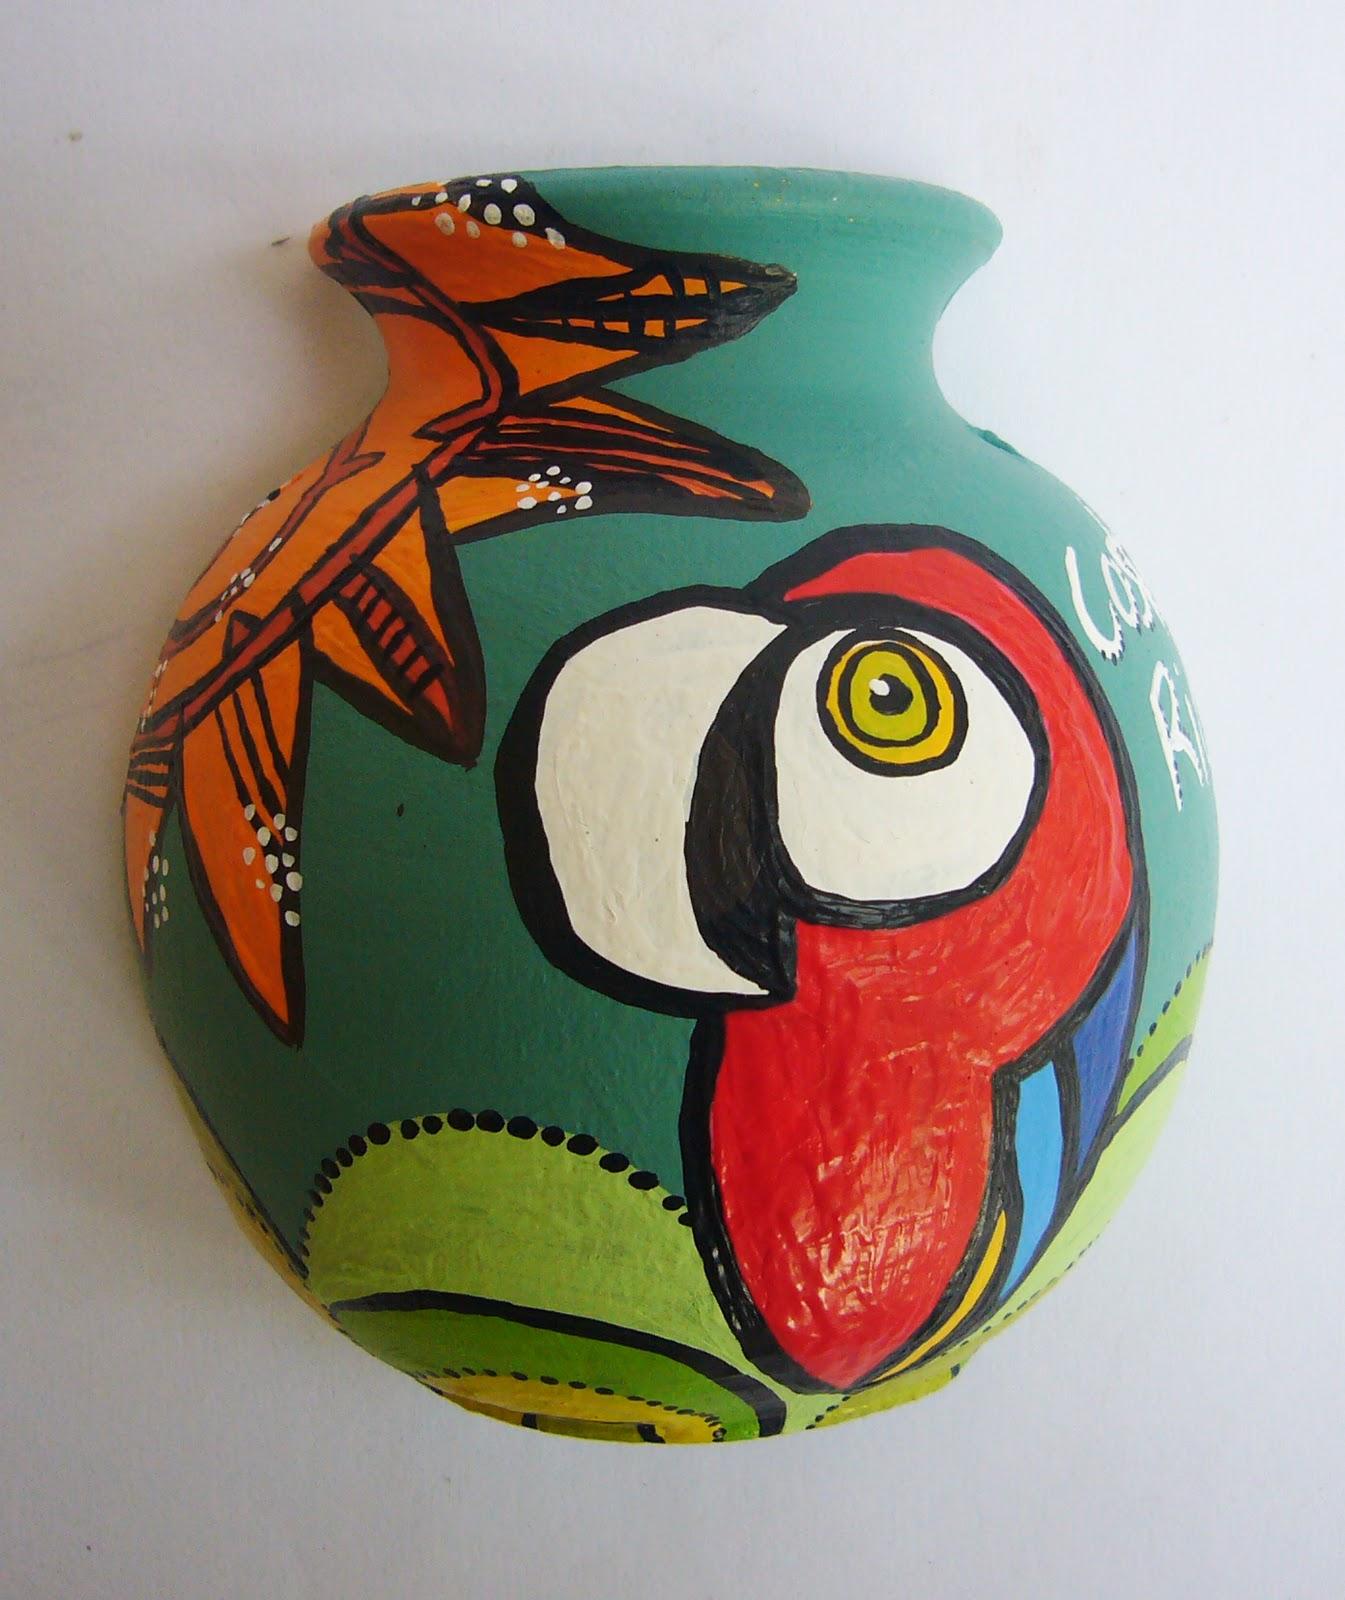 Tapir arts craft cer mica decoraci n - Ceramica decoracion ...